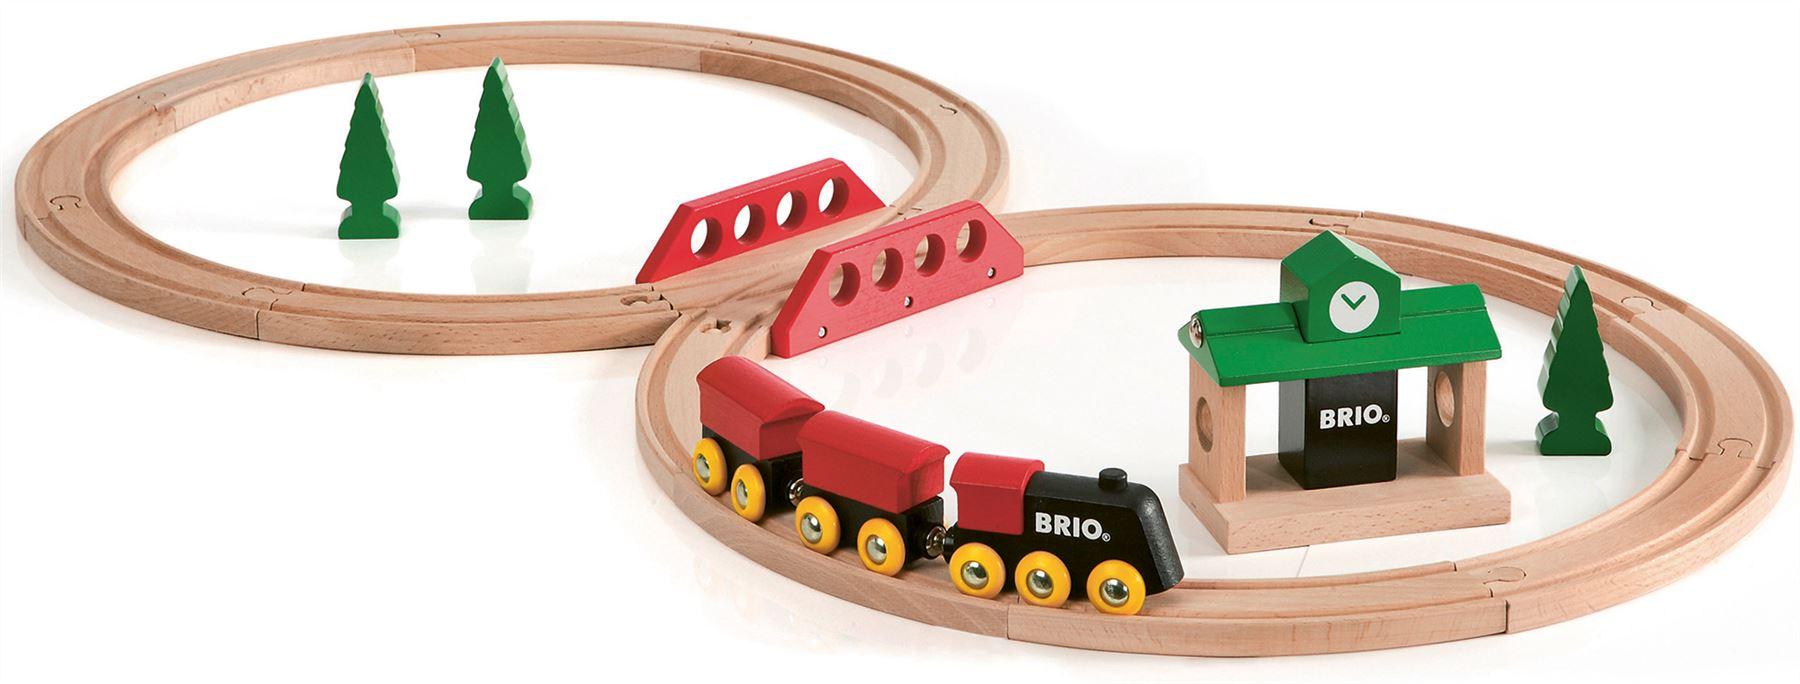 Brio Doppelhängebrücke Baby/Kleinkind/Kind Holzspielzeug Eisenbahnschienen Neu Spielzeug